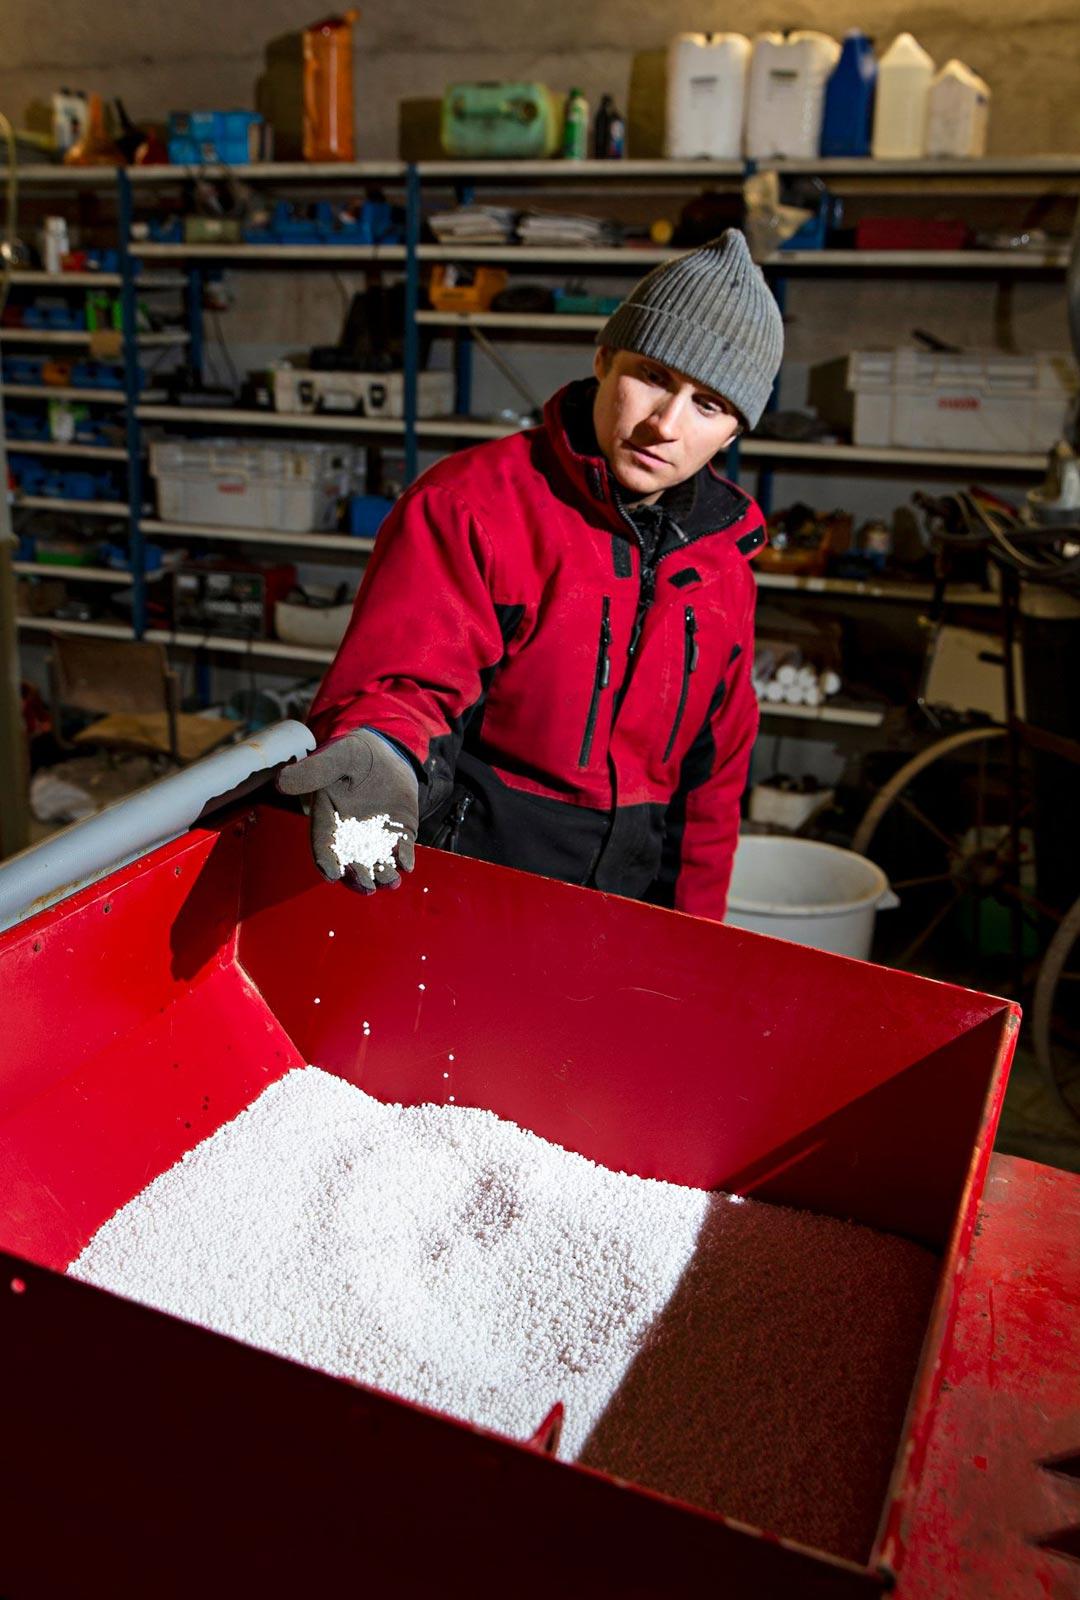 Maatiloilla kevättöihin kuuluu muun muassa lannoitus. Vastuun tilan koneista Lauri Niittynen pitää itsellään.